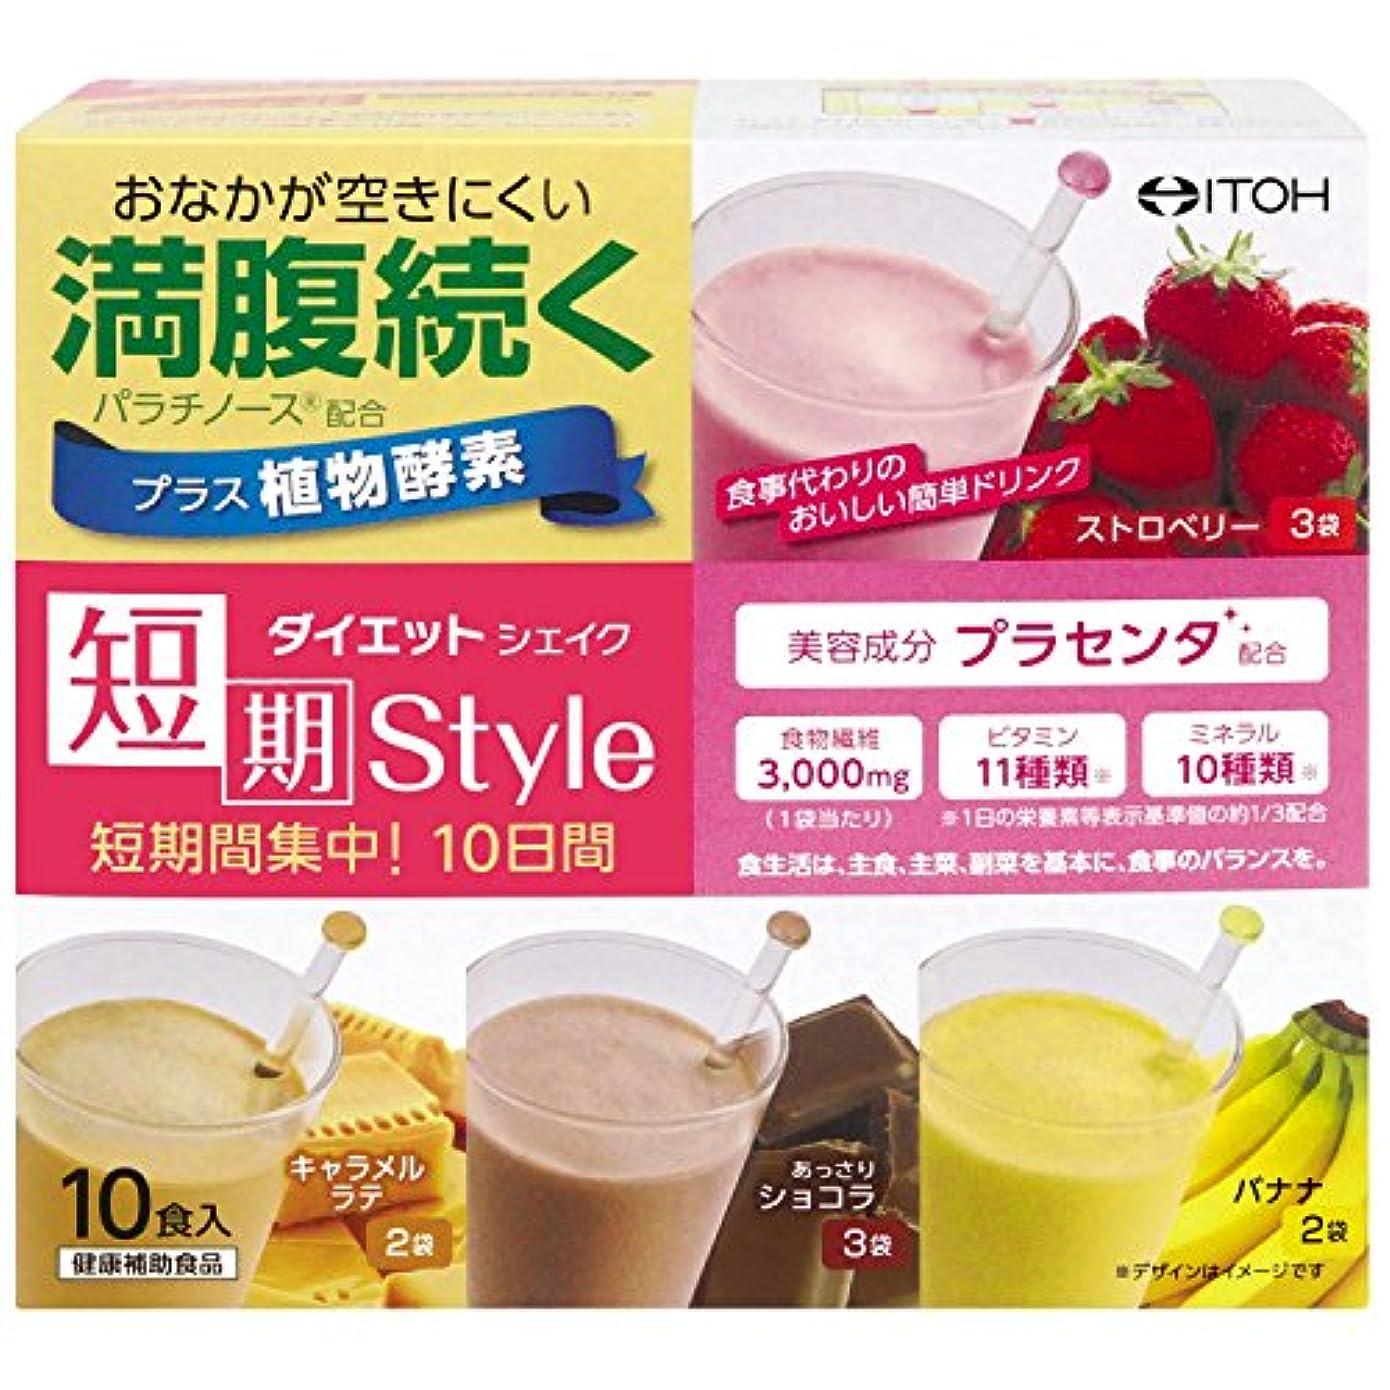 健全保全衣服井藤漢方製薬 短期スタイル ダイエットシェイク 25g×10袋